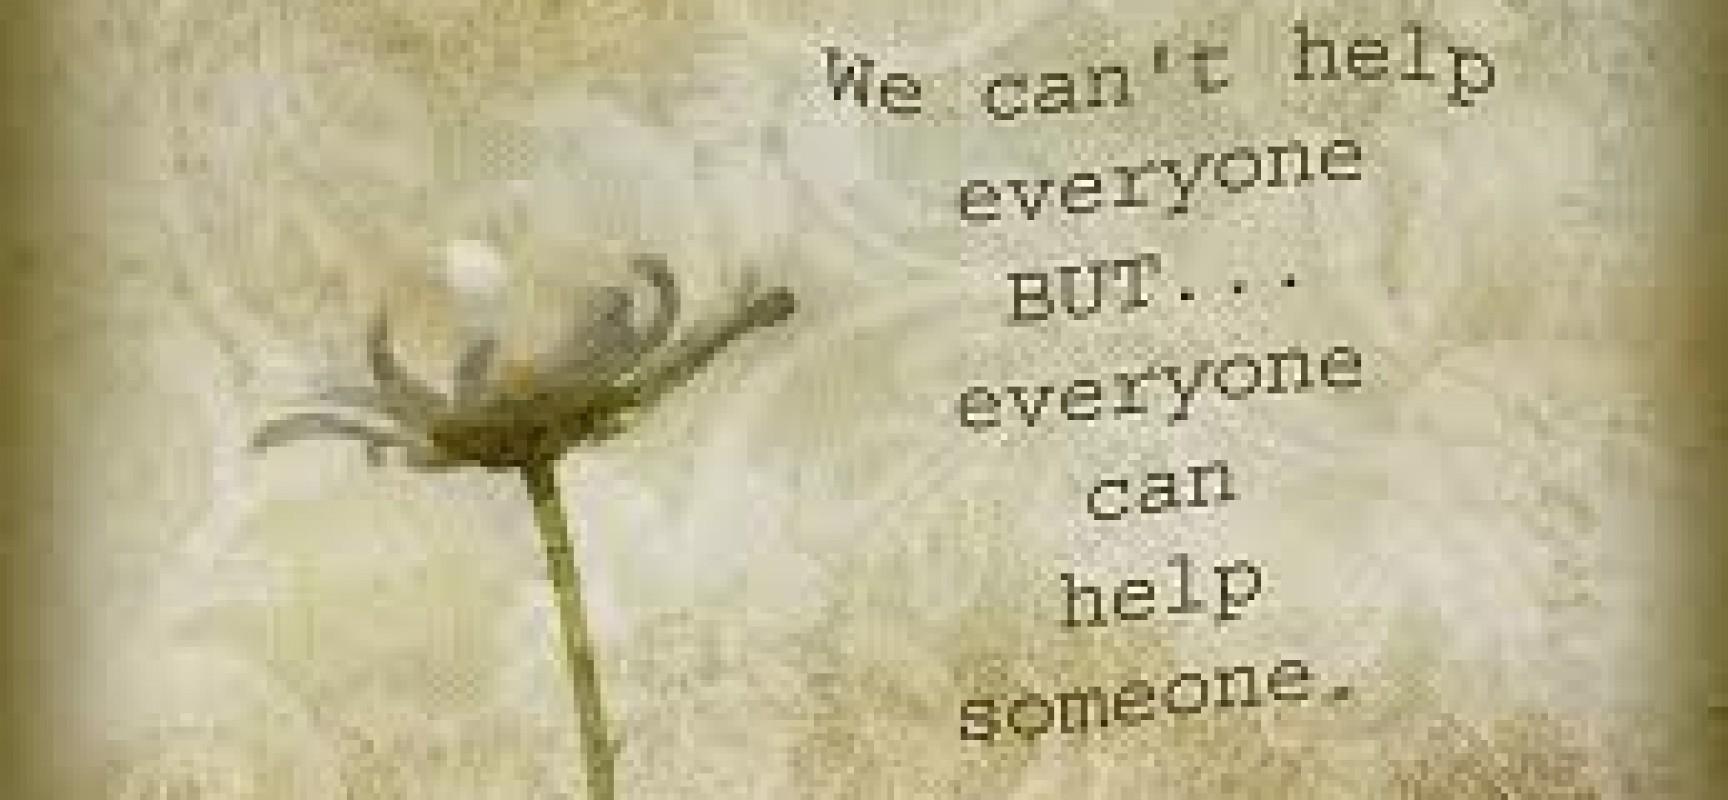 Love Everyone, Help Everyone